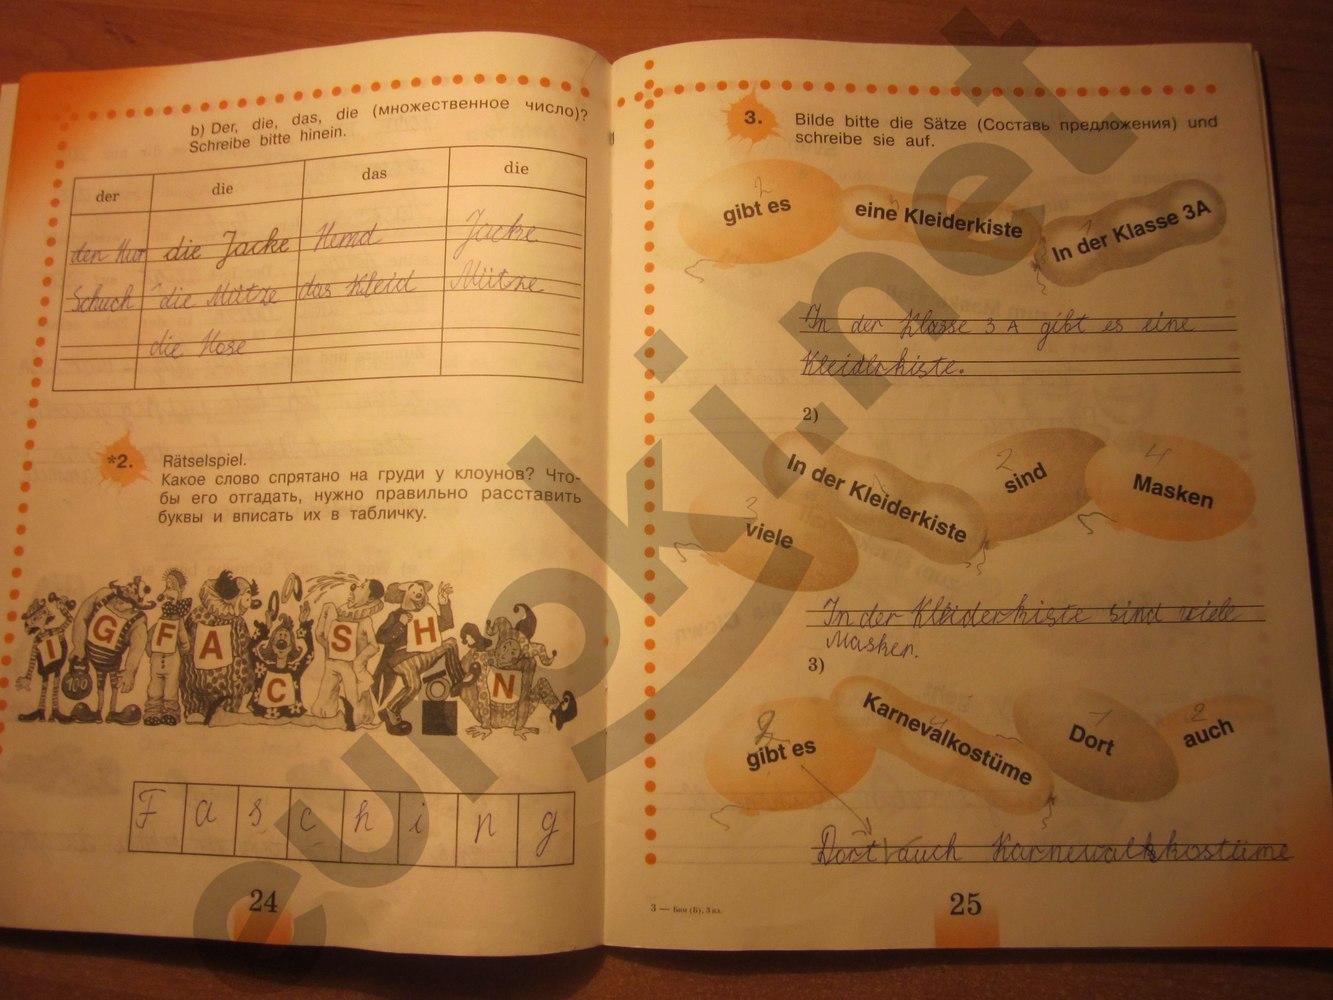 гдз по немецкому языку 3 класс бим 2 часть рабочая тетрадь